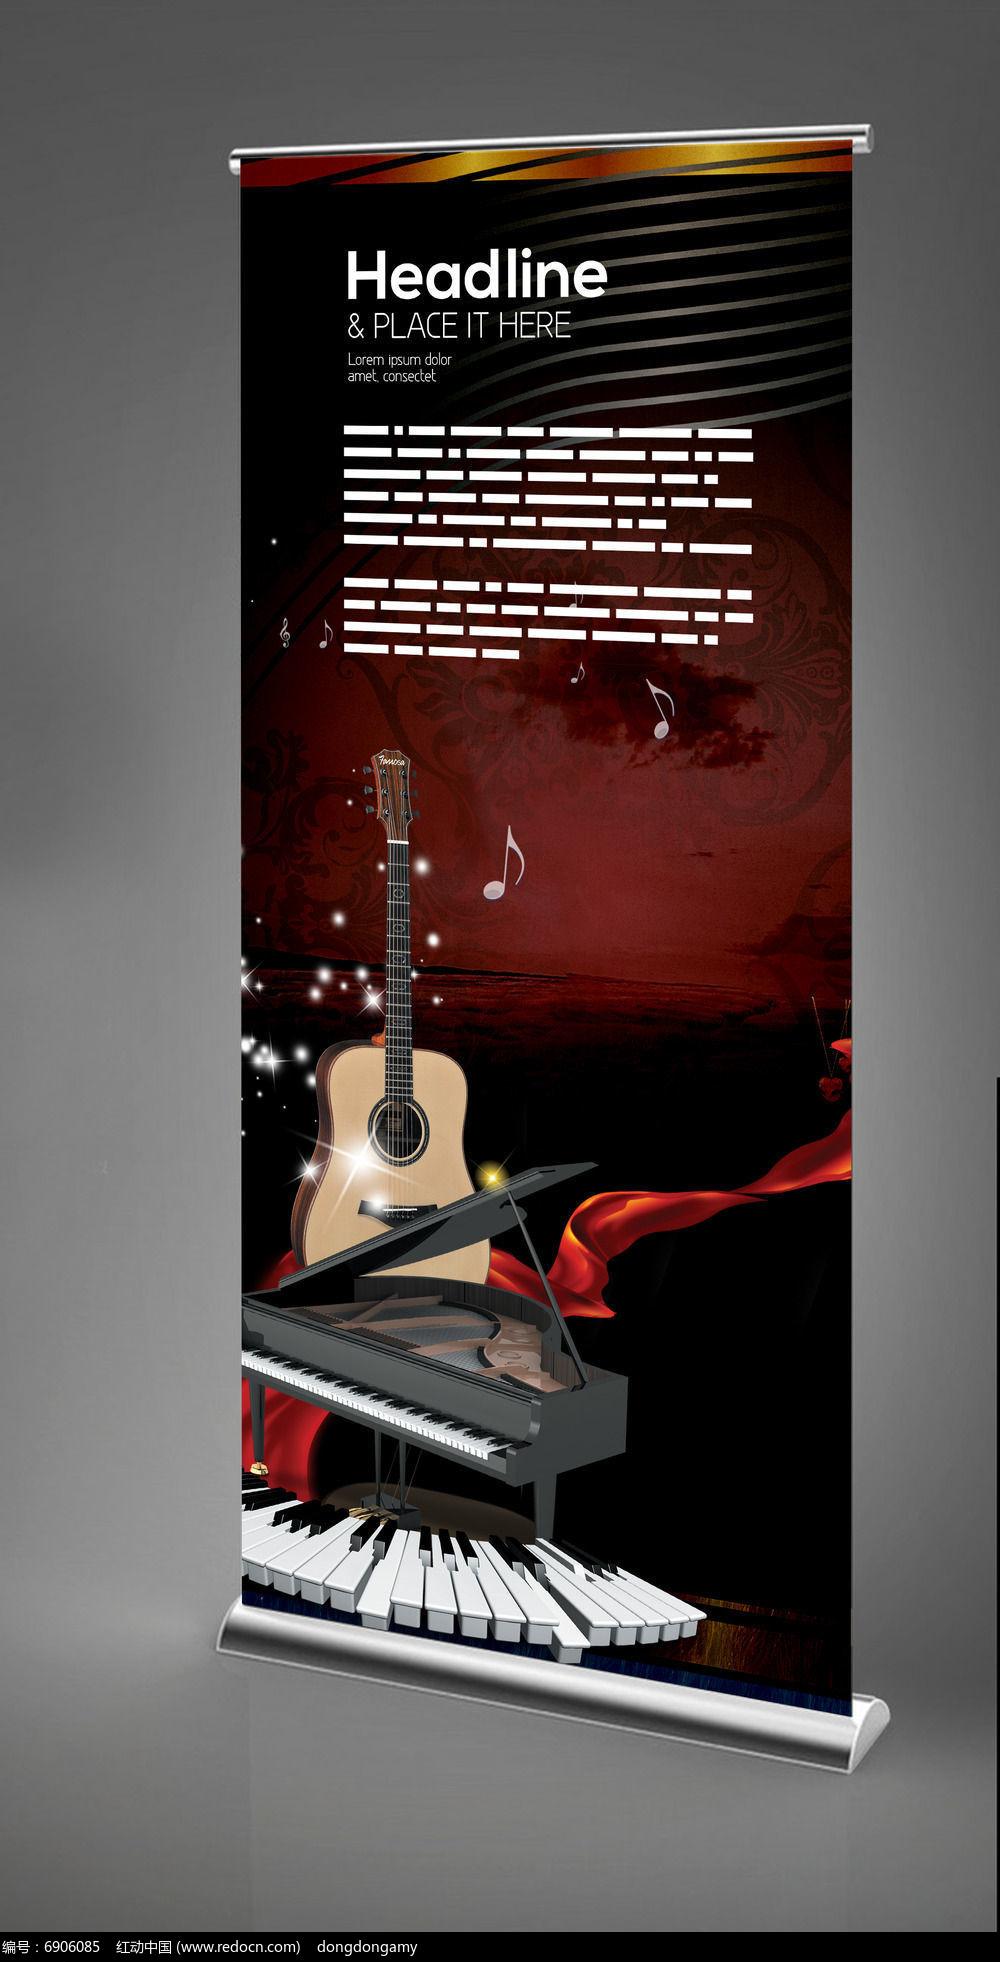 原创设计稿 海报设计/宣传单/广告牌 x展架|易拉宝背景 钢琴吉他音乐